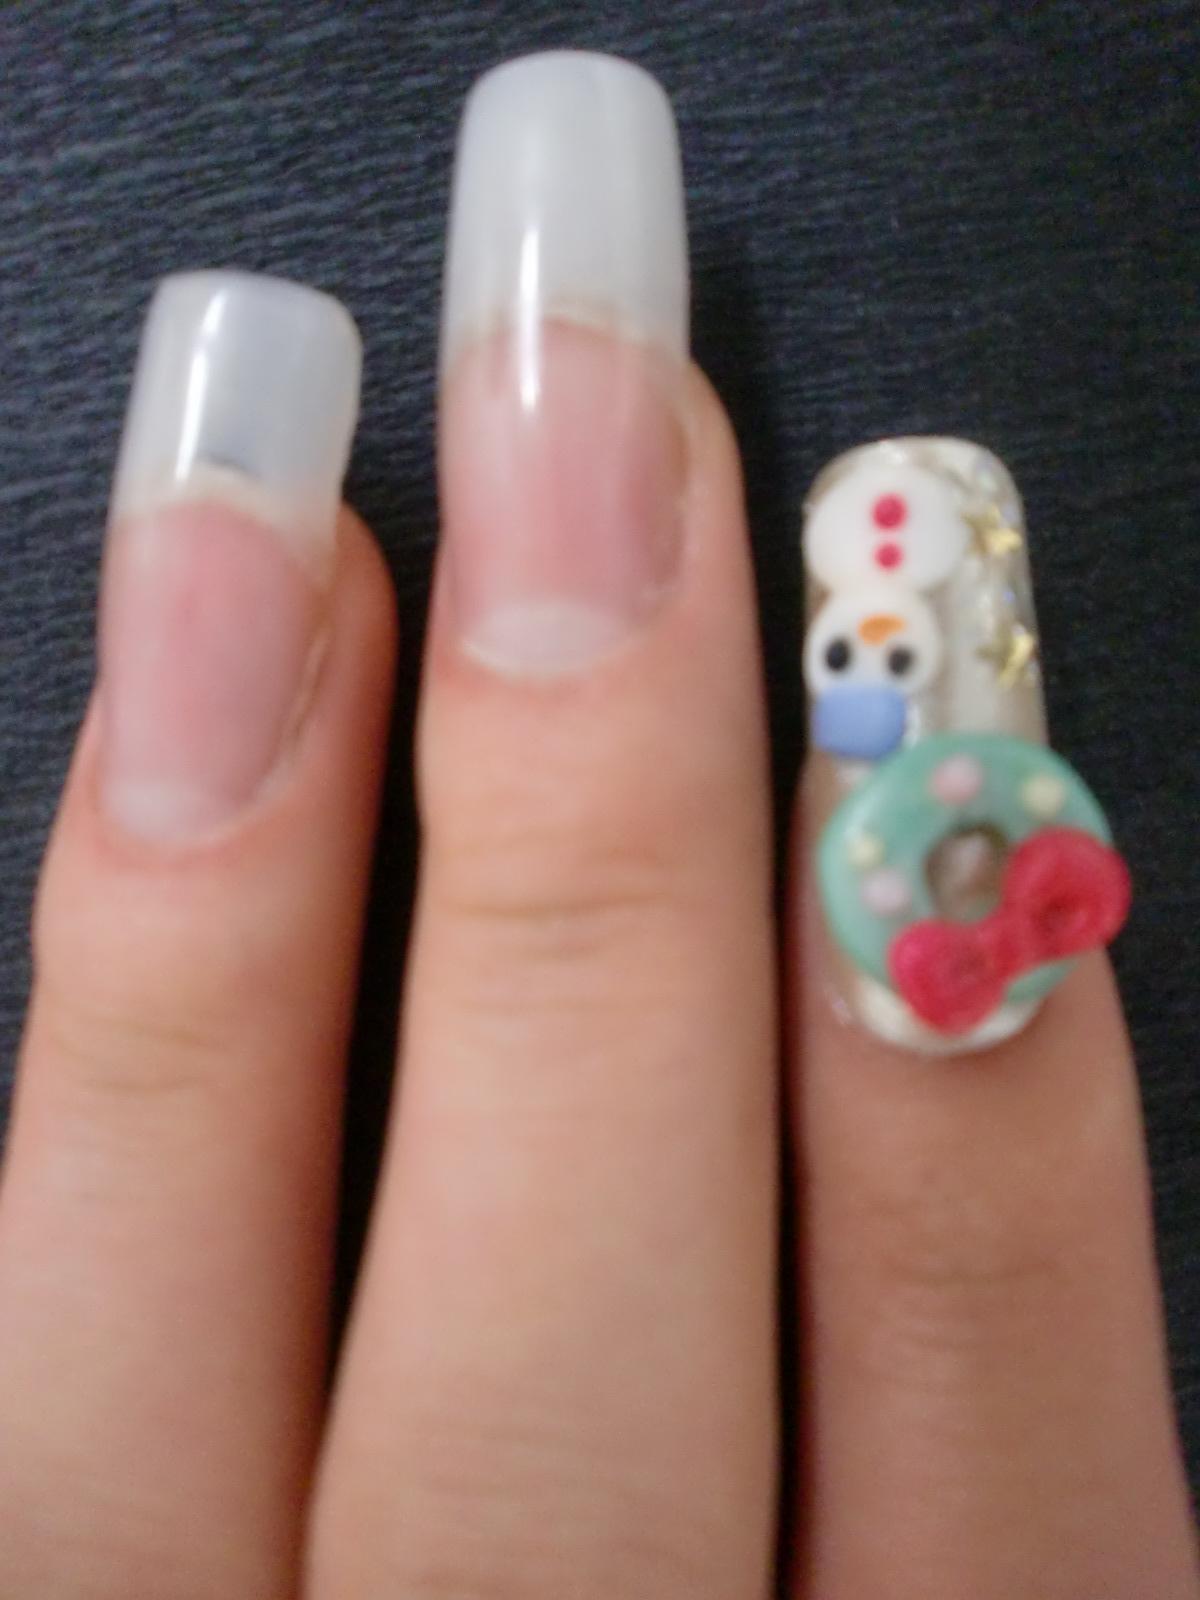 ネイル1級検定 2014秋季 先生もきれいな指の方を紹介してくれてよかったね